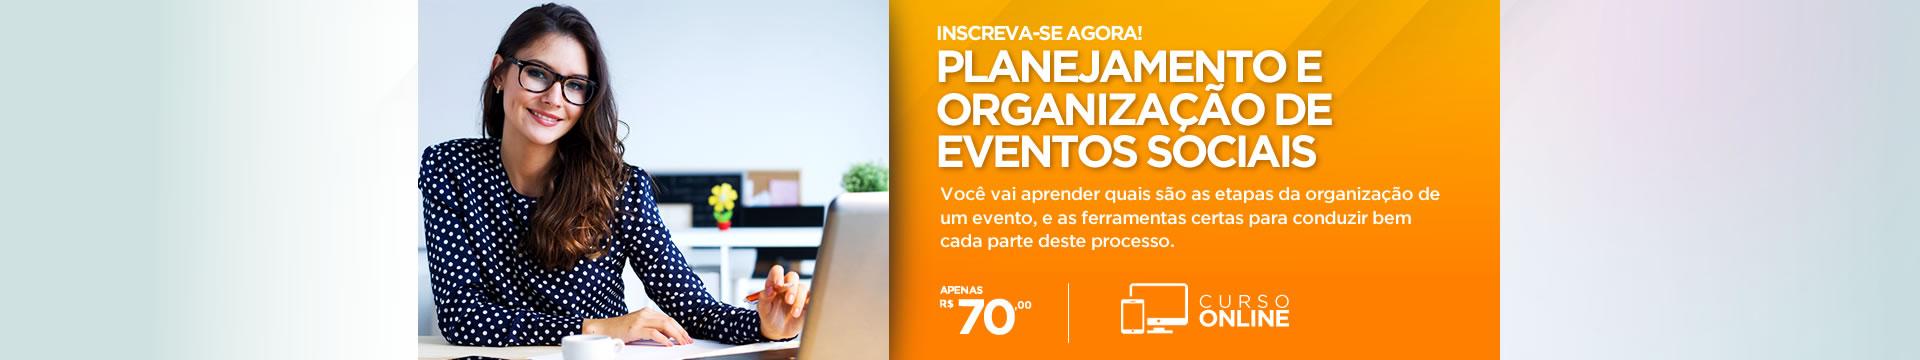 Curso Online Planejamento e Organização de Eventos Sociais